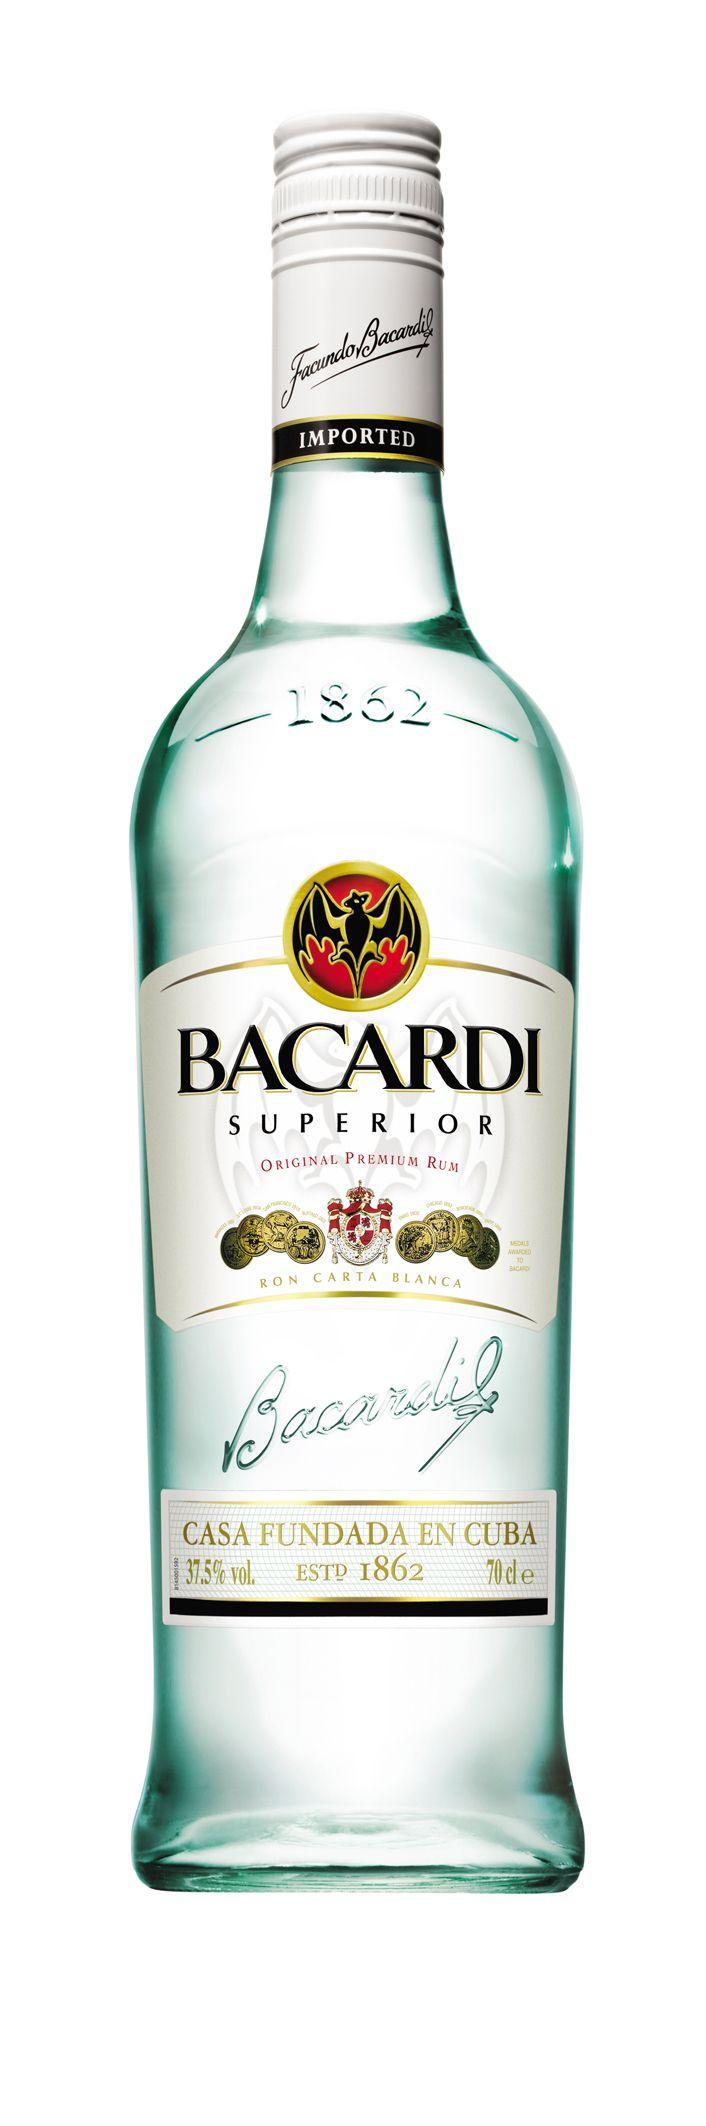 BACARDI Superior white rum. gluten free. gluten free